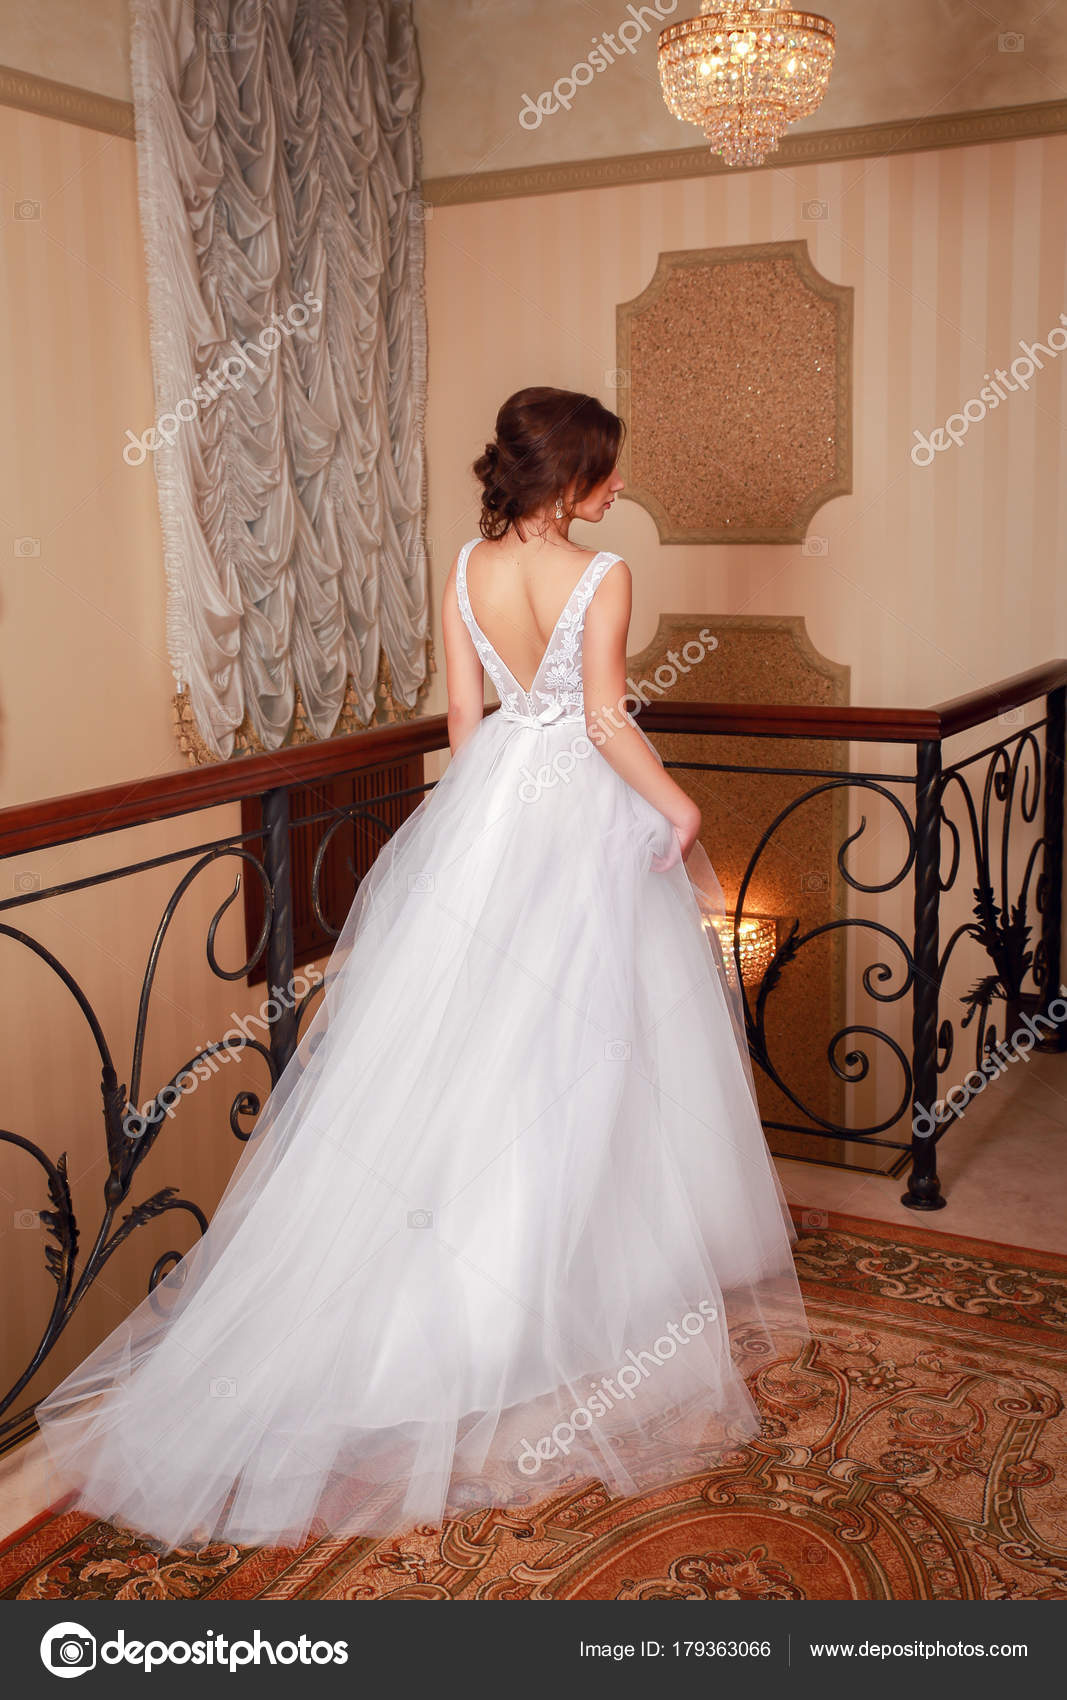 Schöne Brautkleid. Braut im Hochzeitskleid in einem Luxus-Apartment ...